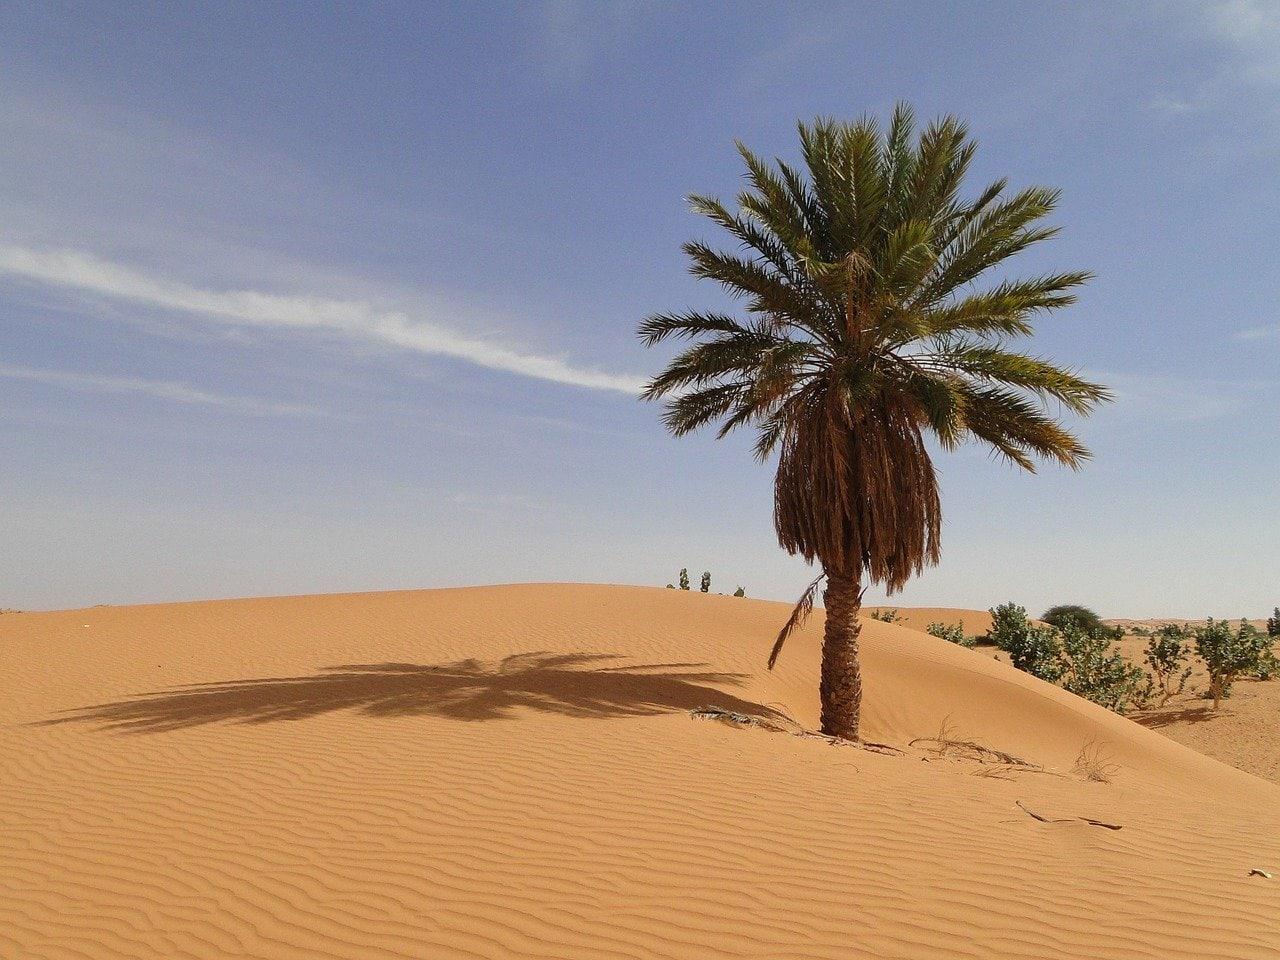 palmier dans le désert en Mauritanie